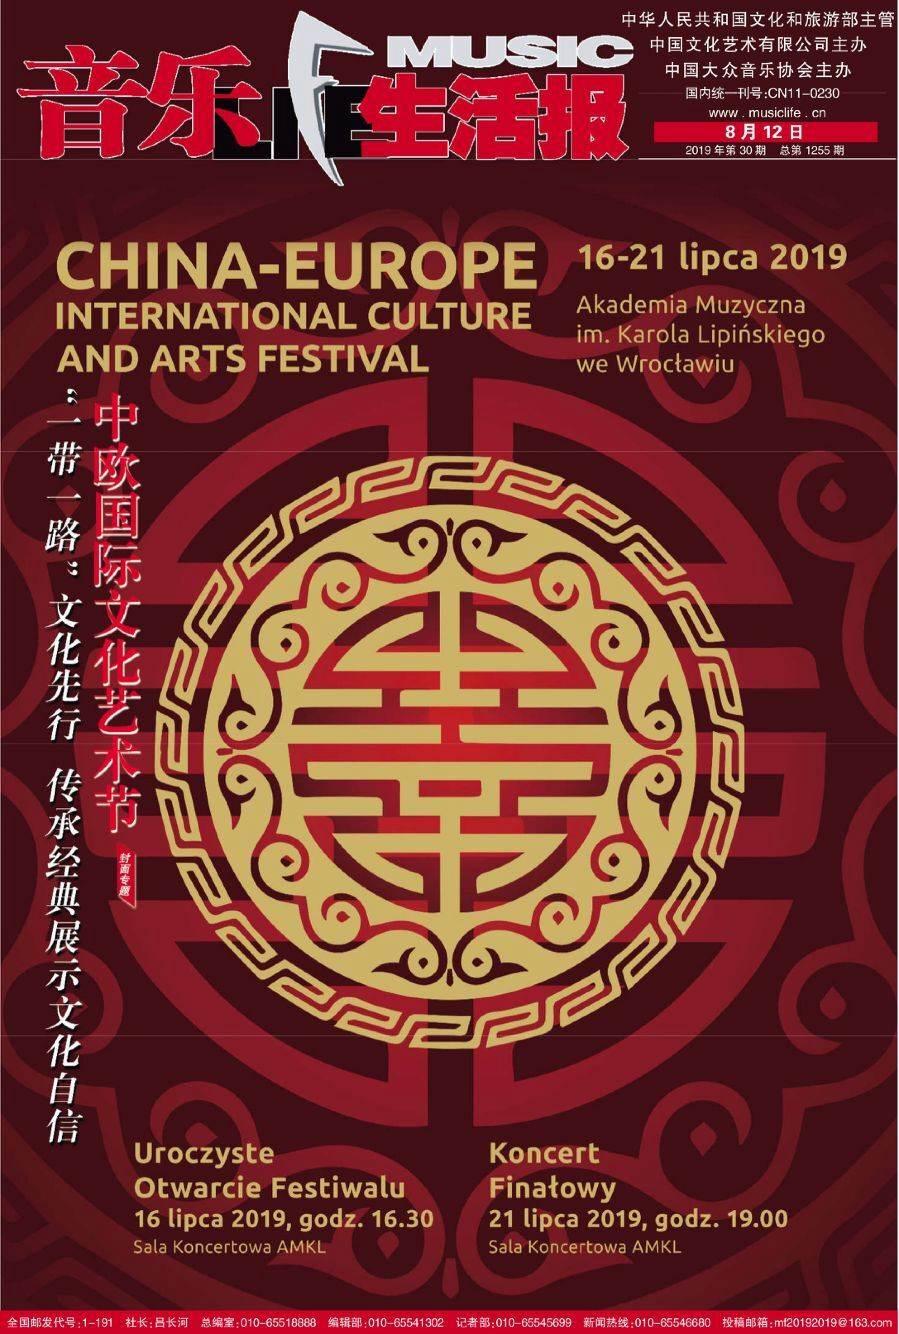 2019中欧国际文化艺术节 (1).jpg